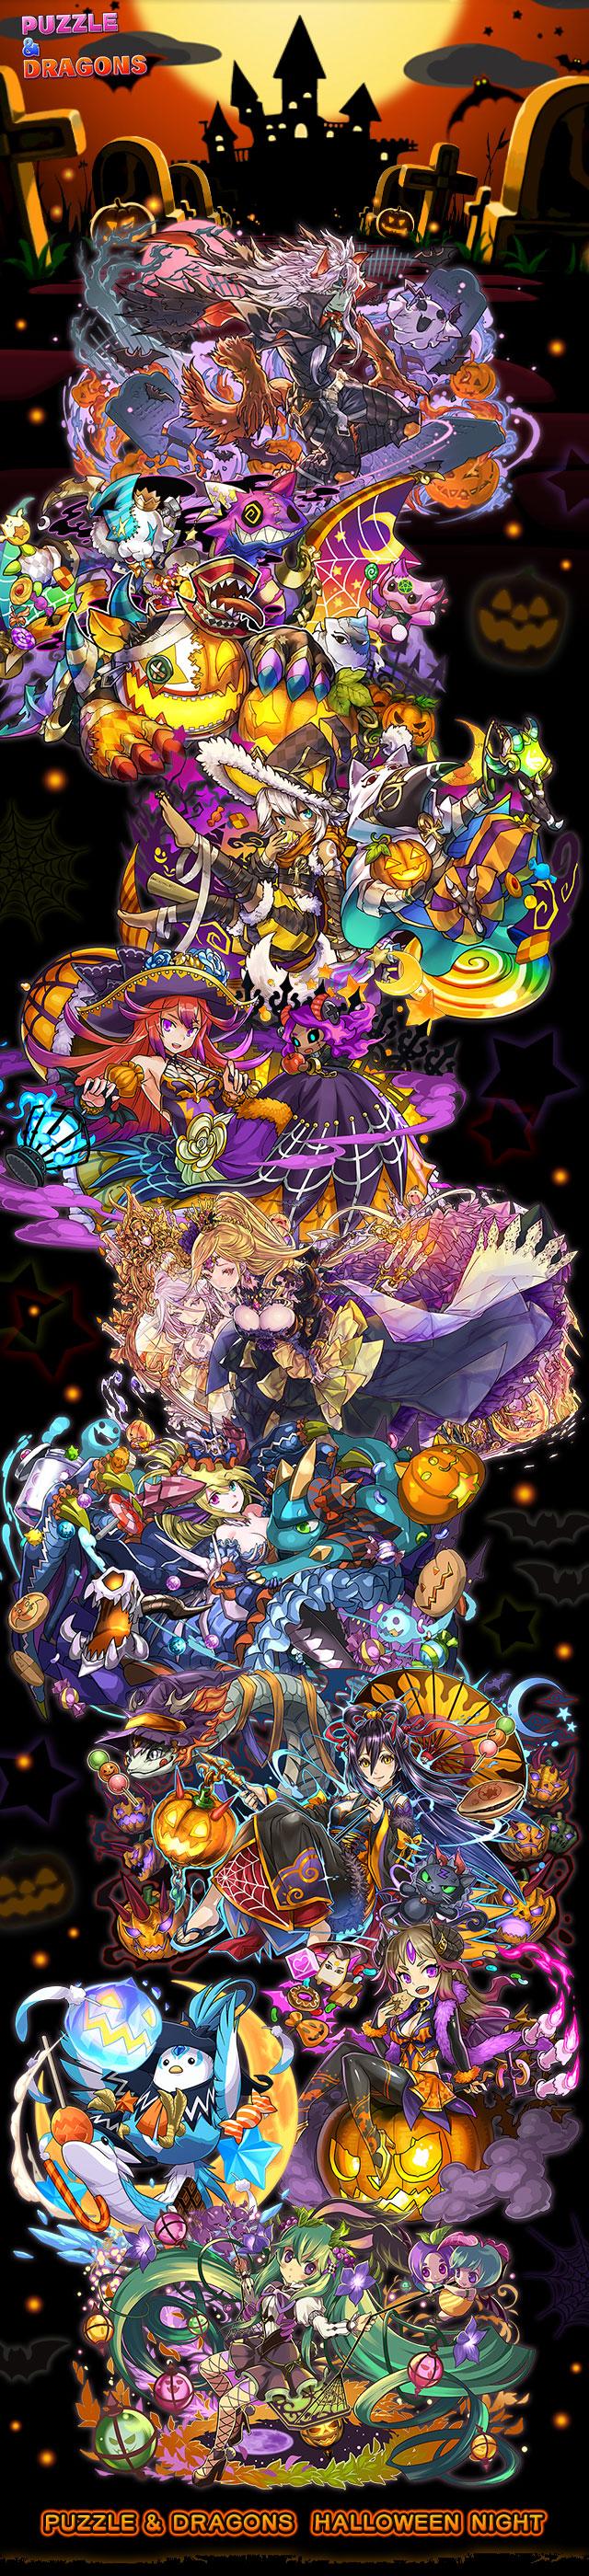 Le Migliori 80 Immagini Su Puzzle Dragons Immagini Creature Mitologiche Design Del Personaggio